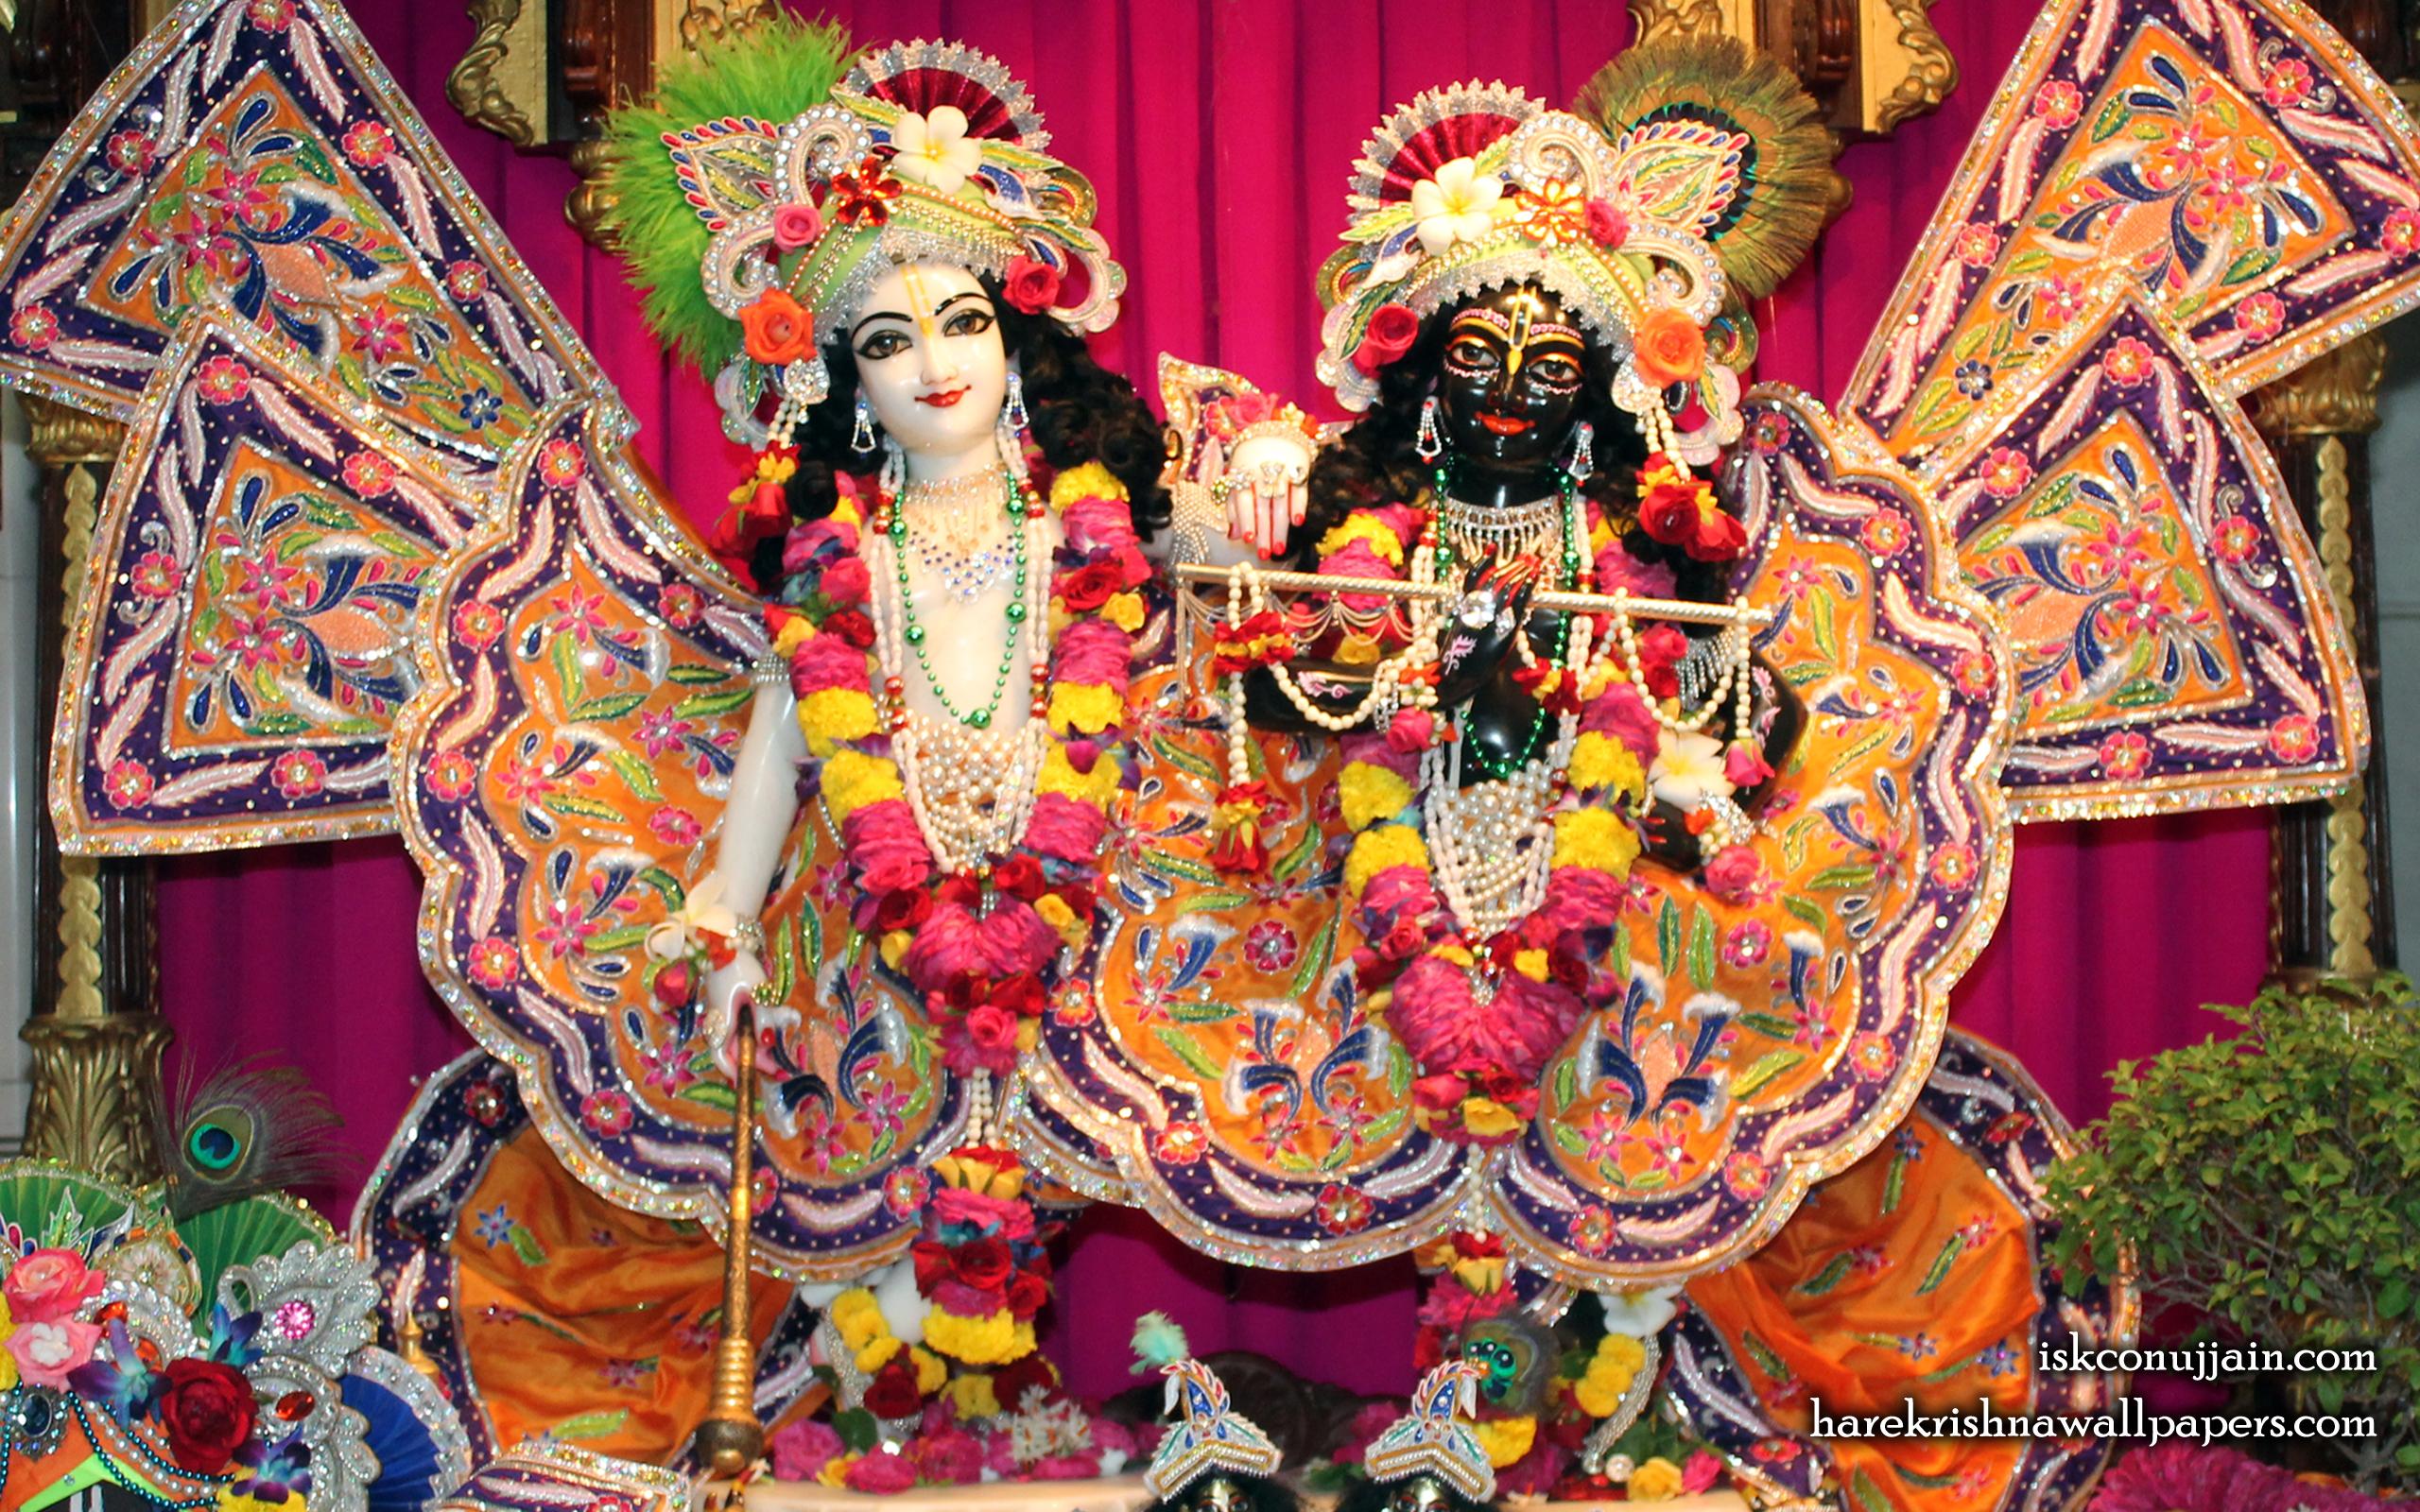 Sri Sri Krishna Balaram Wallpaper (013) Size 2560x1600 Download